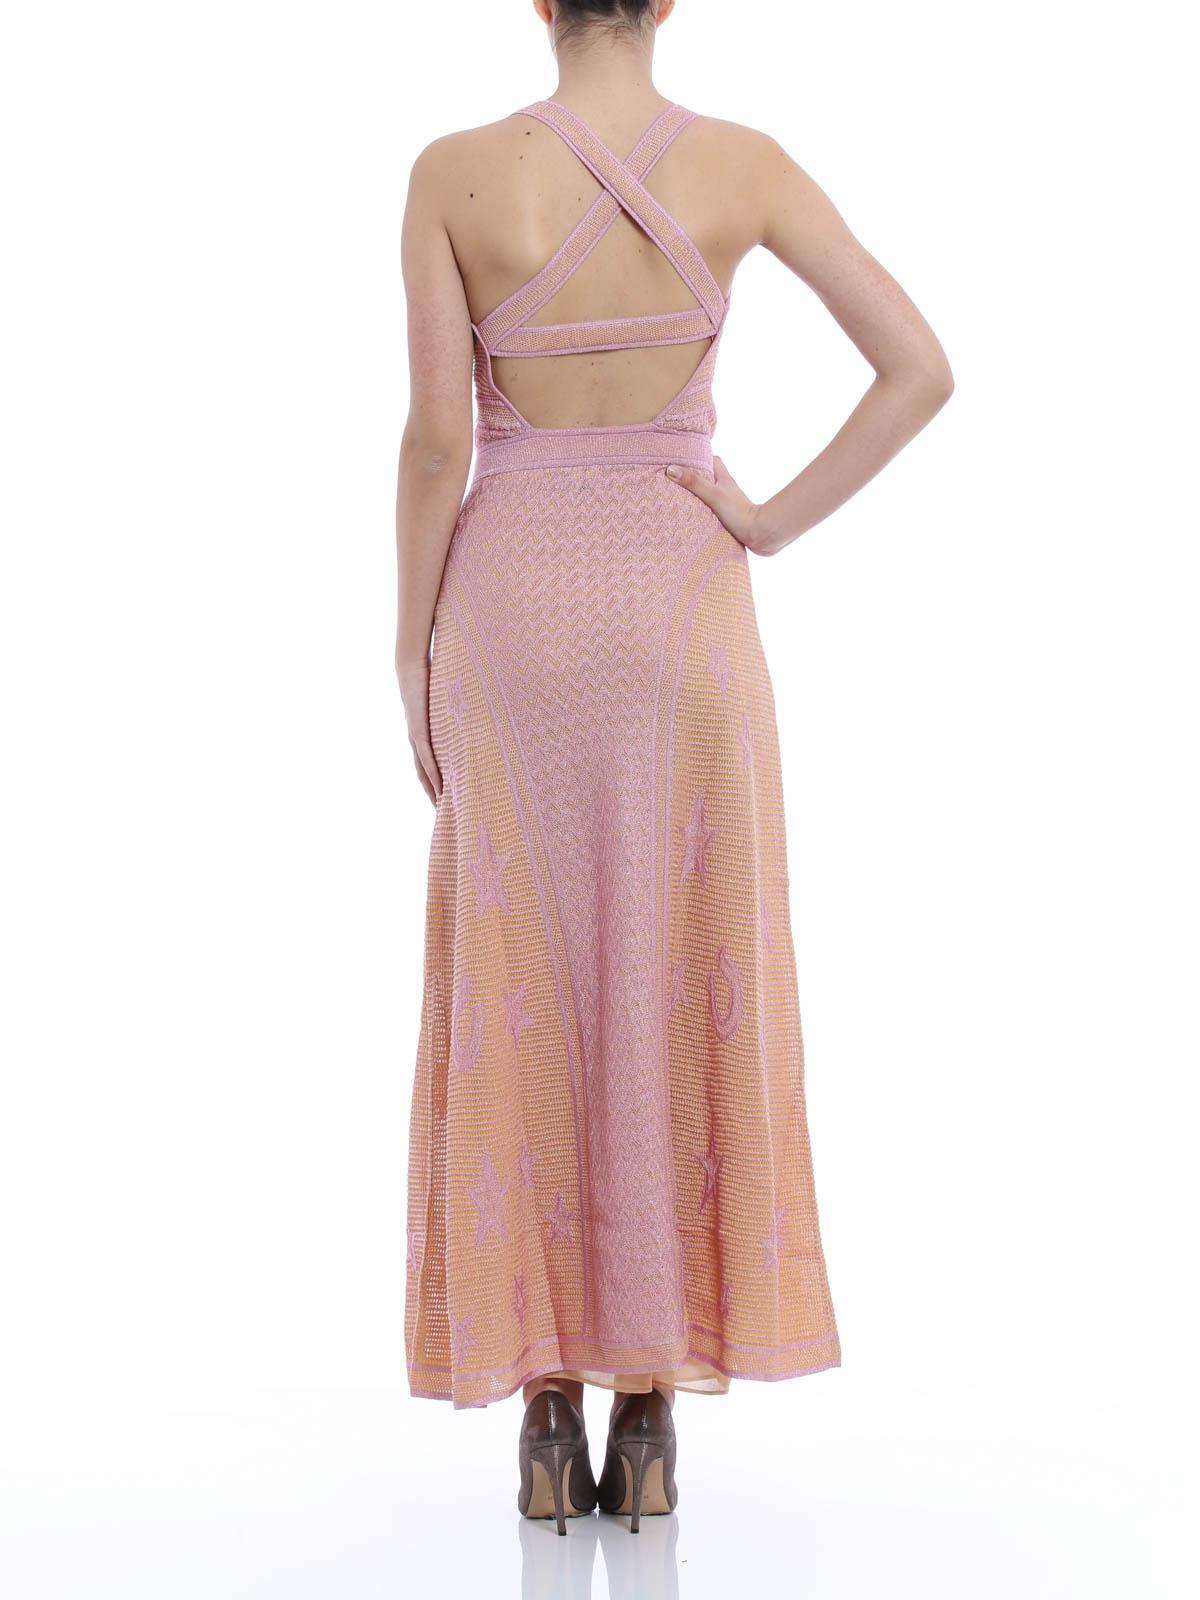 M Missoni Langes Kleid Ruckenfrei Abendkleider Kd3kd10b208cx7